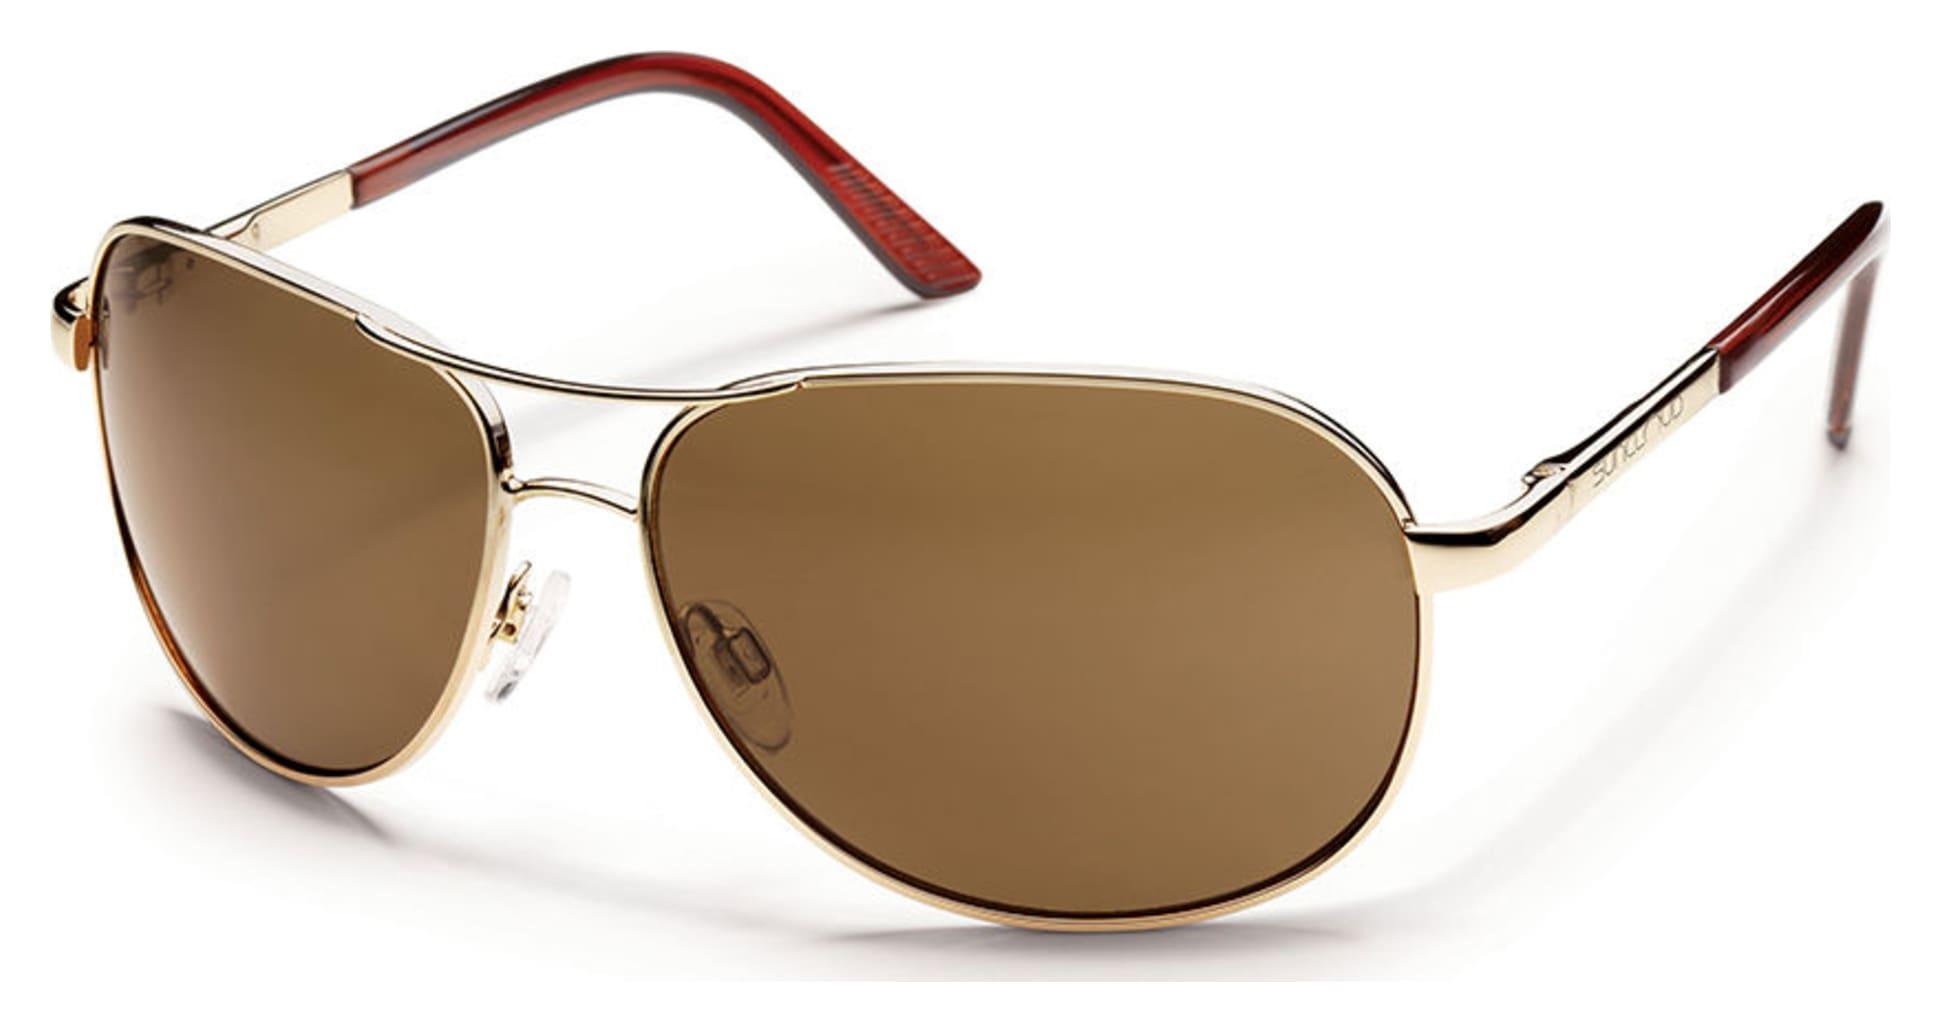 Aviator Sunglasses Gold Frame Brown Lenses : Suncloud Aviator Sunglasses Gold Frames, Brown Lens